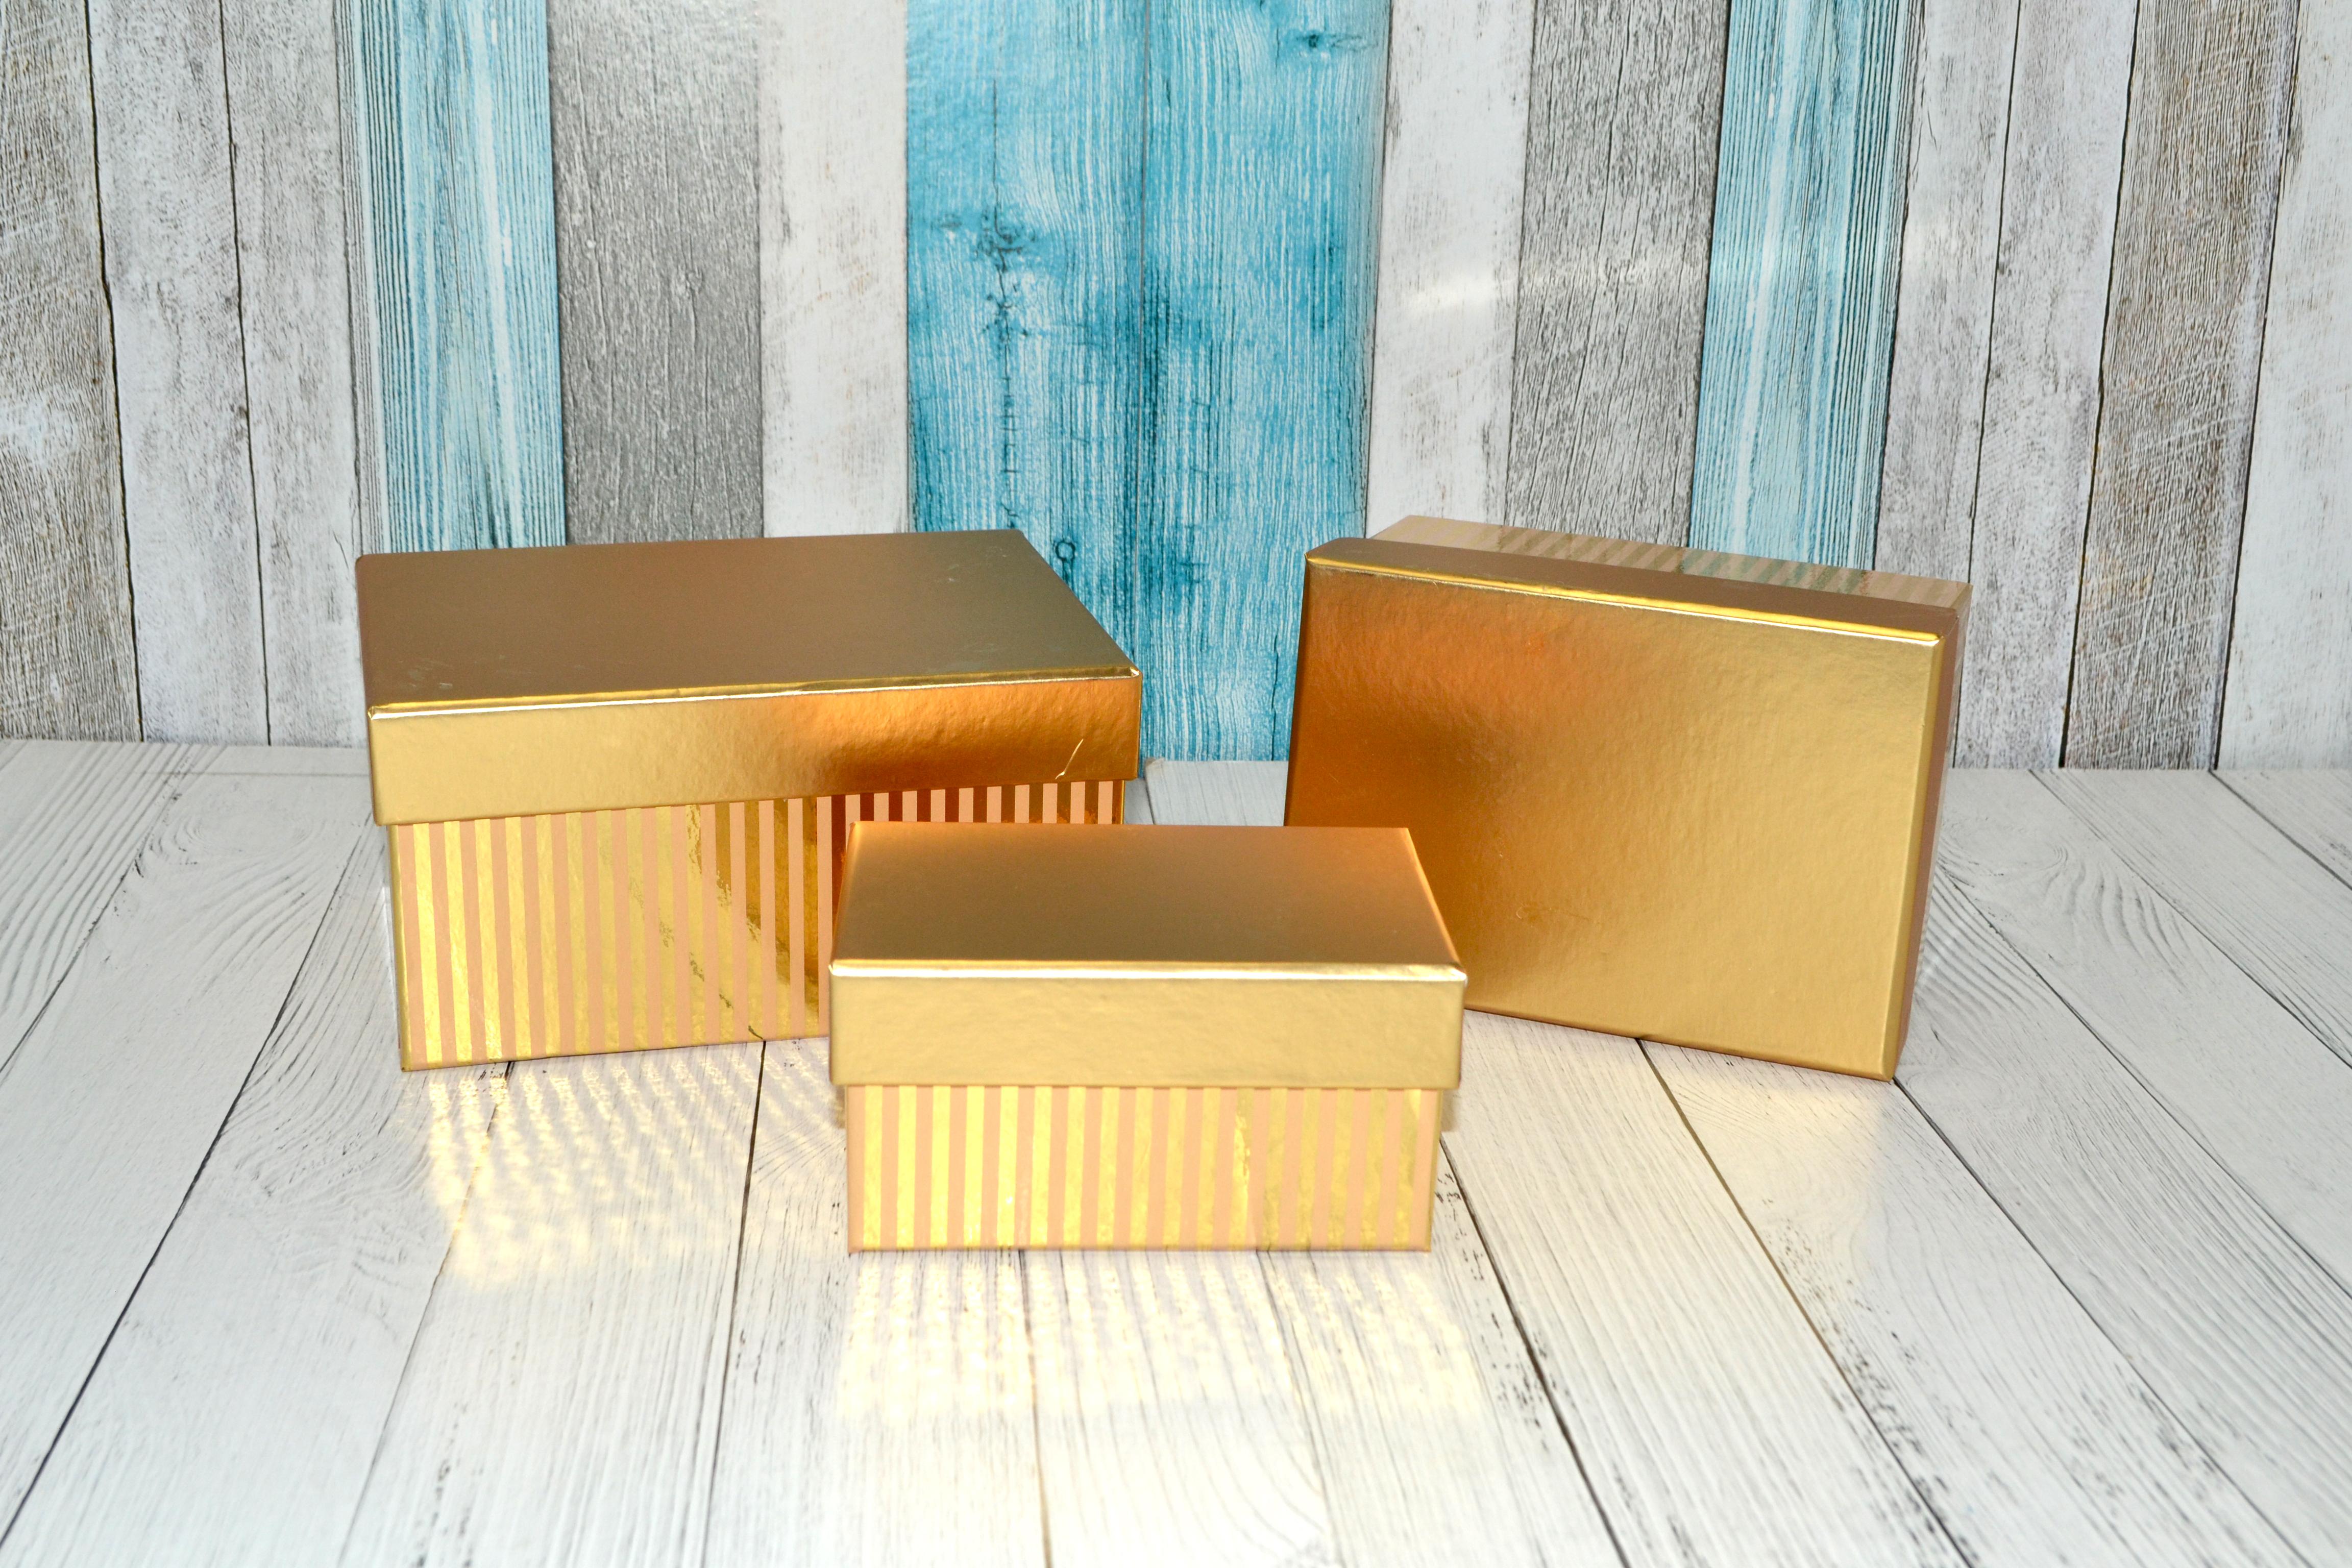 А Набор коробок из 3х 15.7x11.2x8.2. 13.5x9.8x7. 11.2x8x5.8cm золото